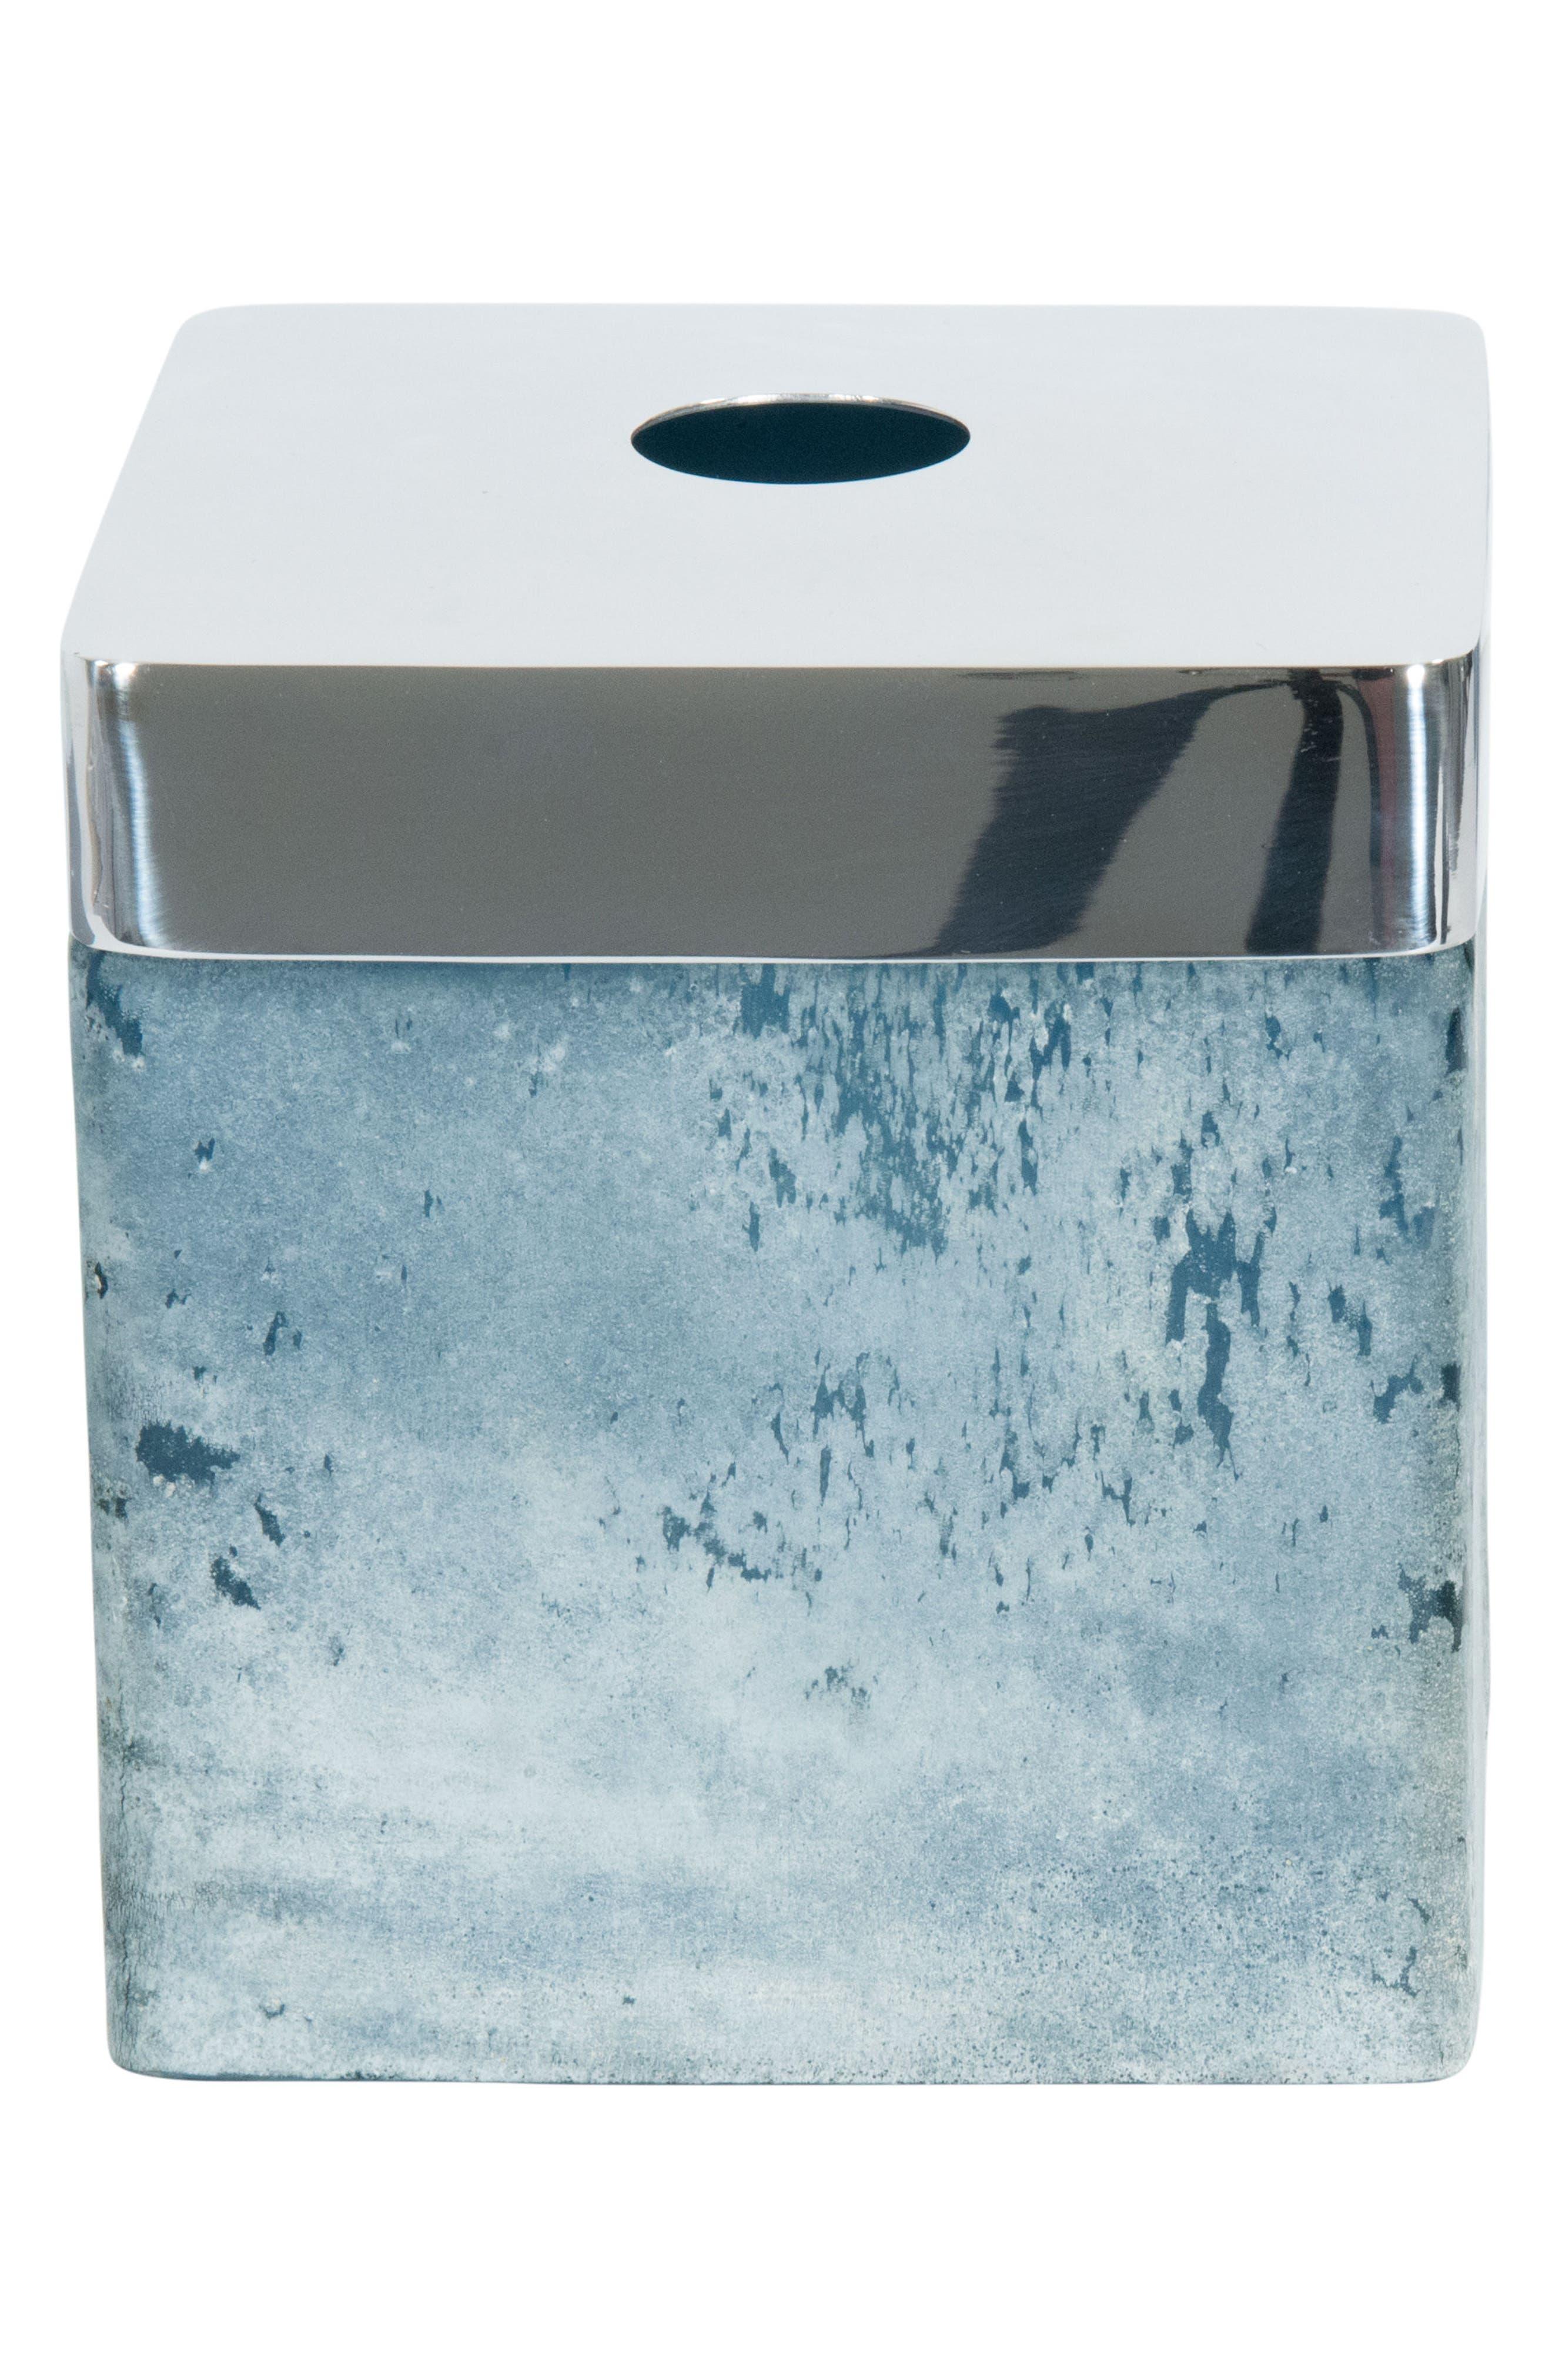 Ocean Reef Tissue Box Cover,                             Main thumbnail 1, color,                             BLUE